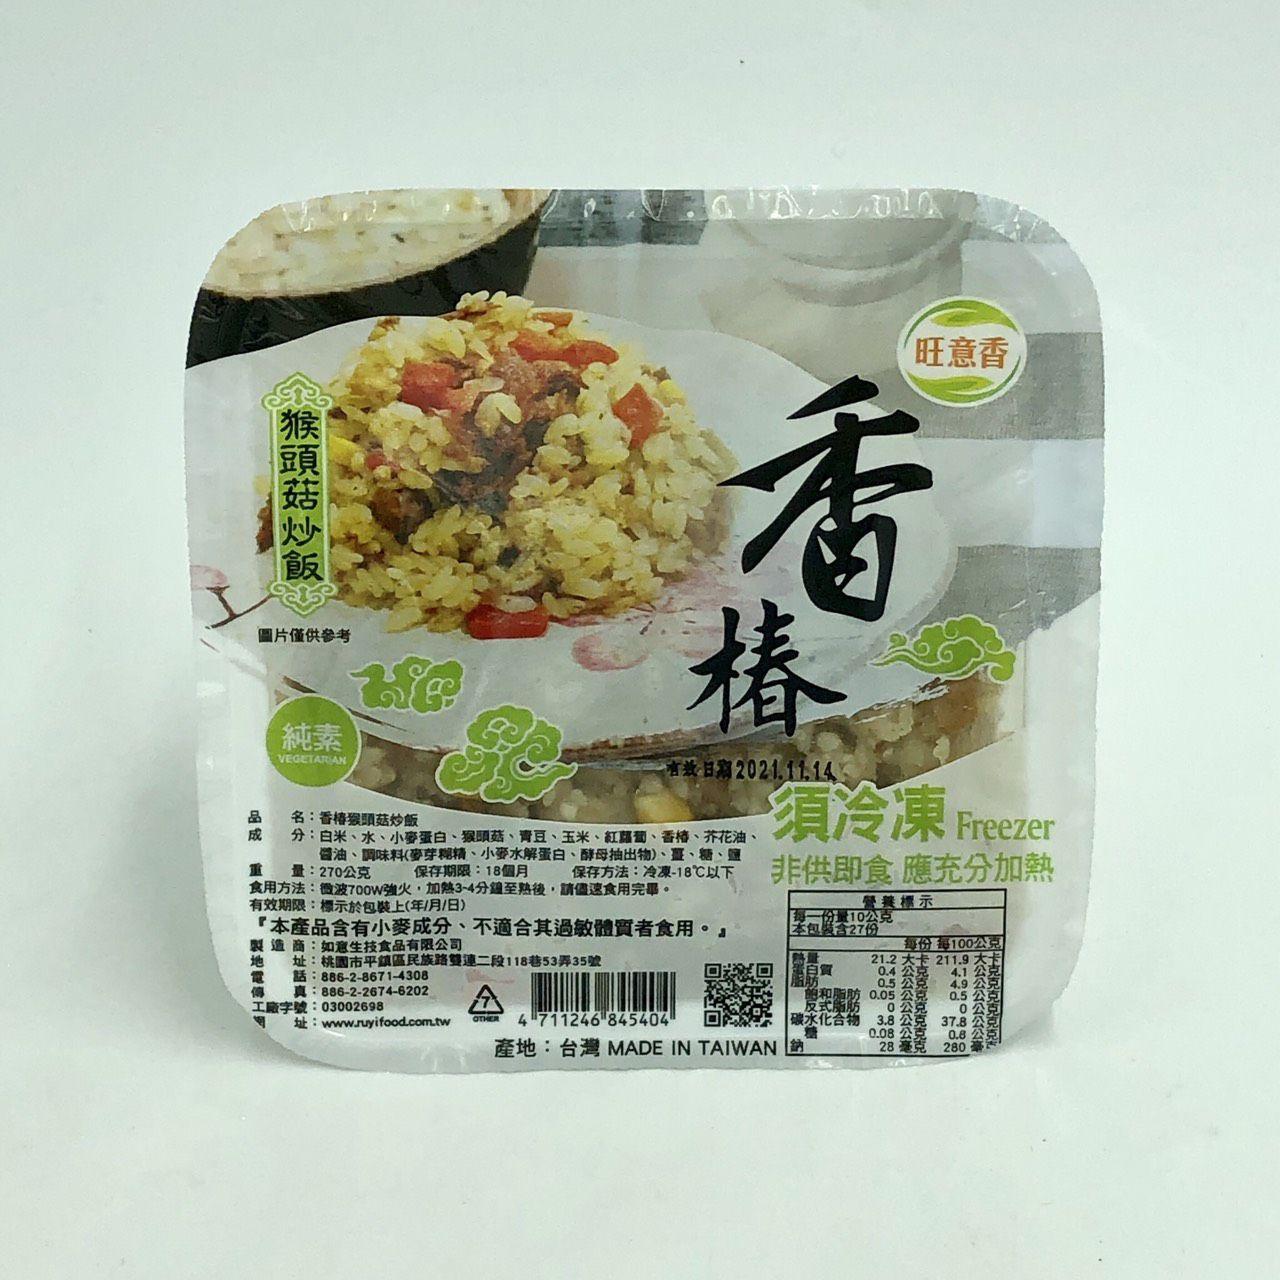 (旺意香)香椿猴頭菇炒飯270g(全素)